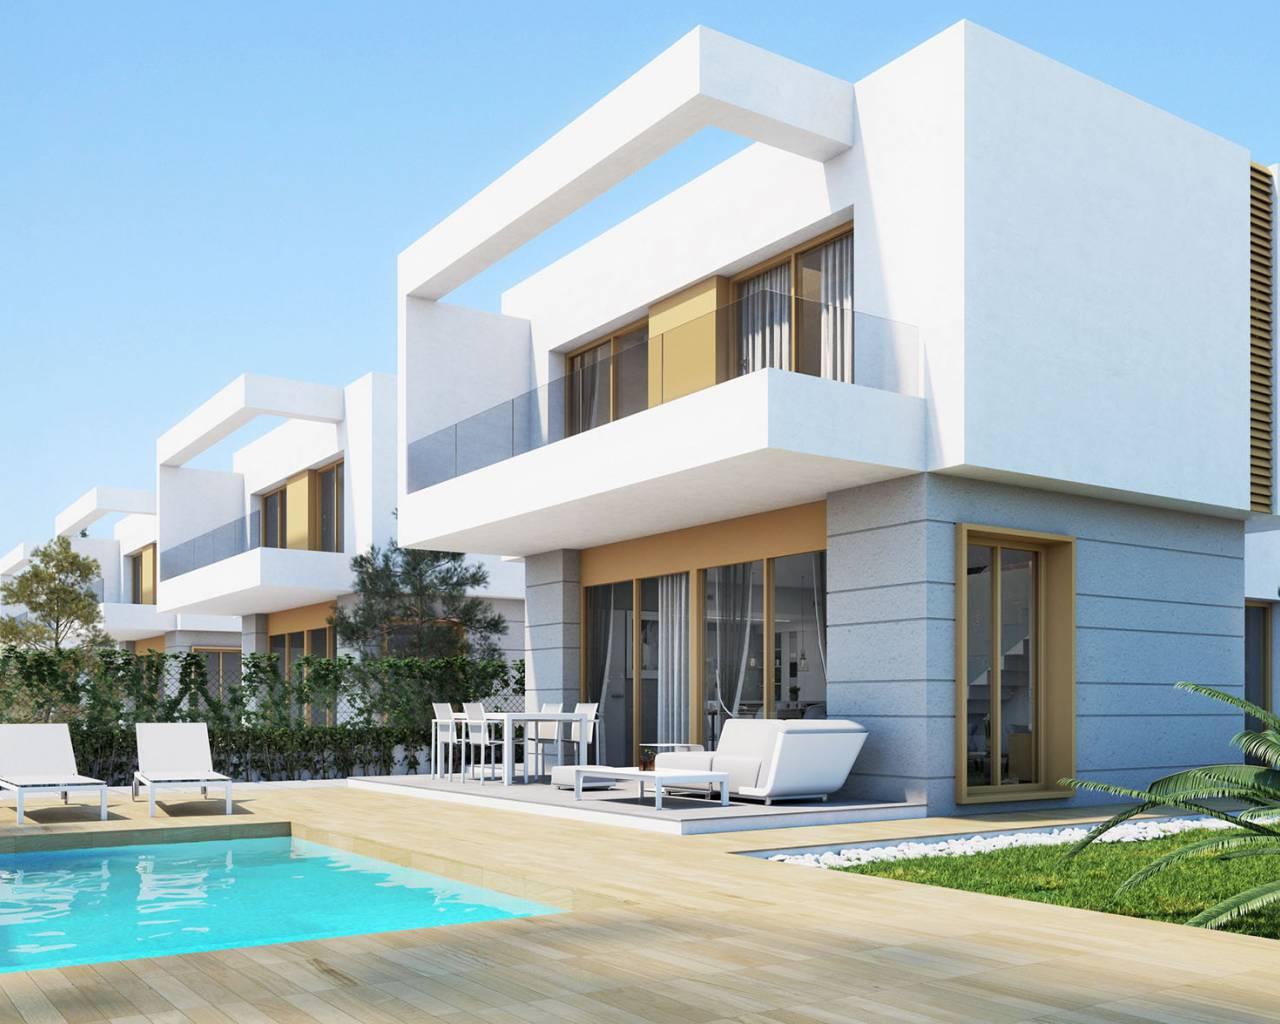 nieuwbouw-vrijstaande-villa-orihuela-vistabella-golf_2792_xl